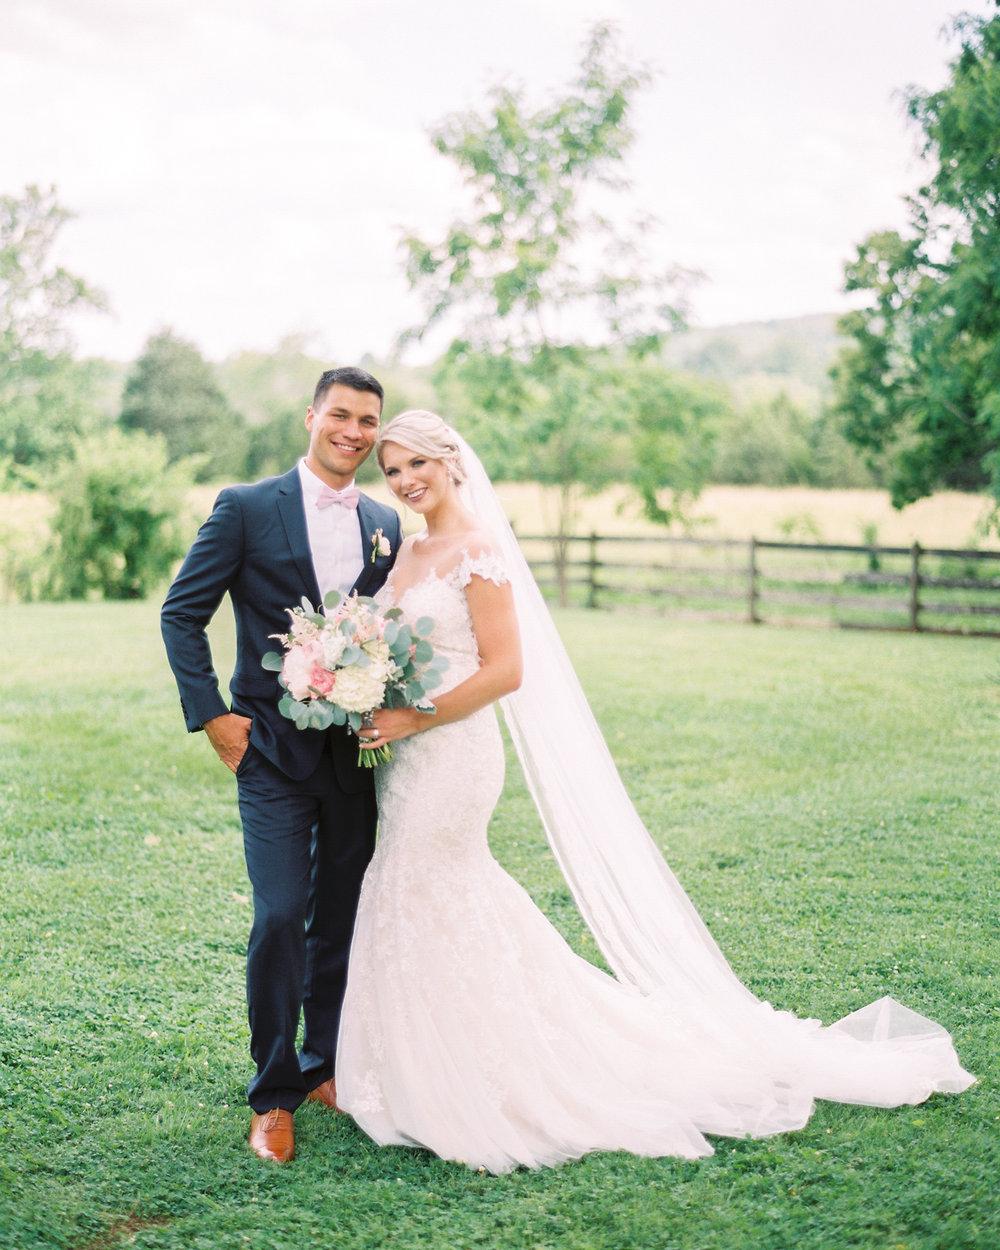 Sorella-farms-barn-wedding-venue-lynchburg-film-photographer-36.jpg